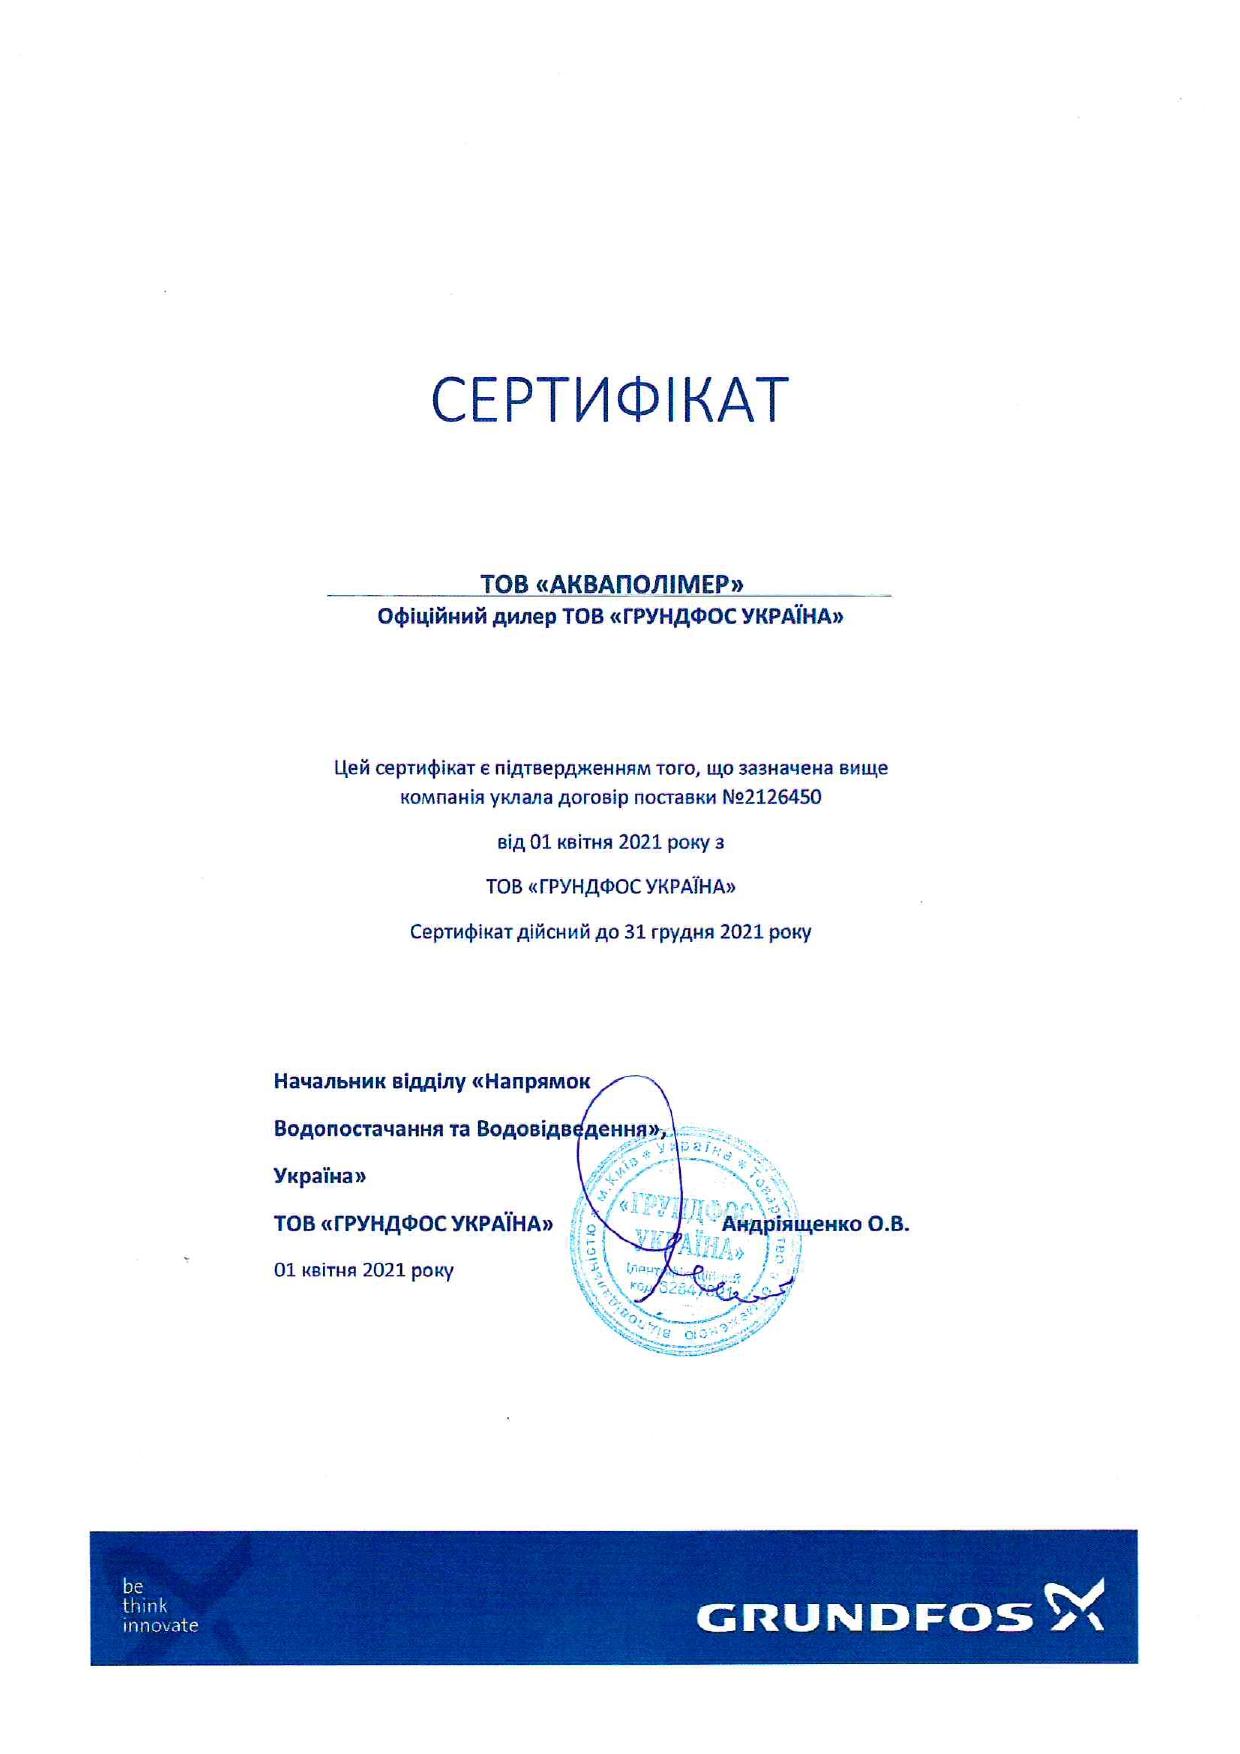 Сертифікат дилерства Грундфос від 01.04.2021_page-0001